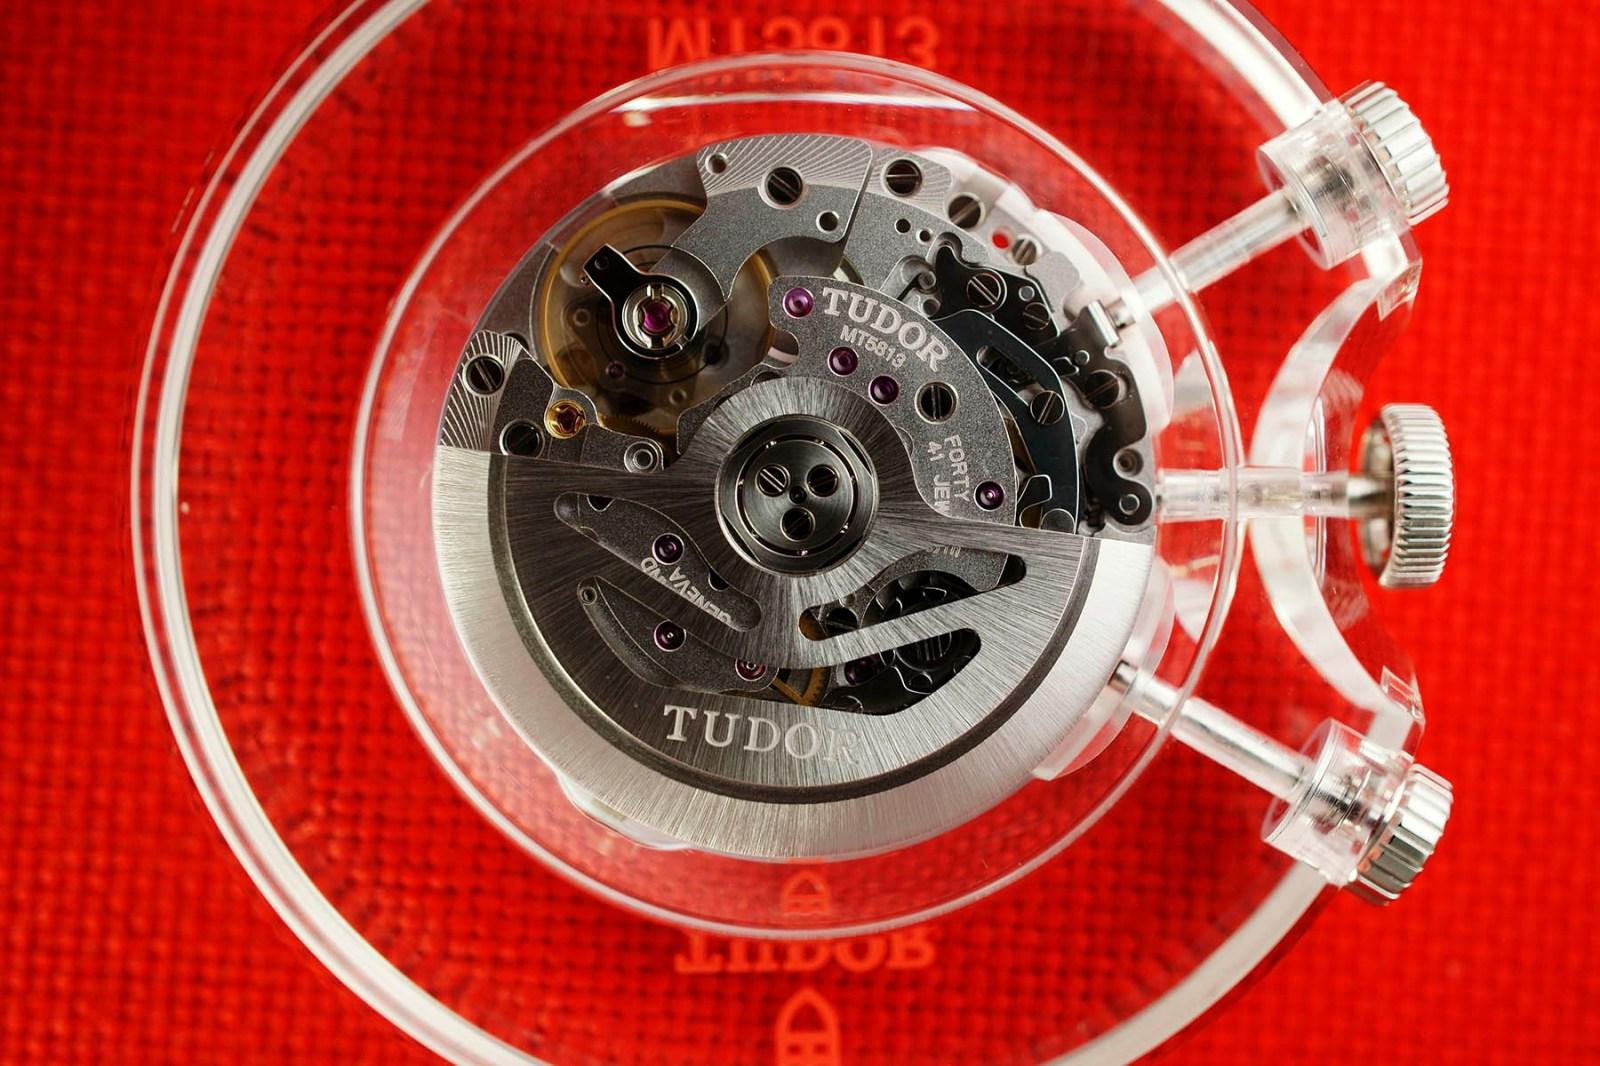 Baselworld 2017 ‧ TUDOR 新錶全價目公開